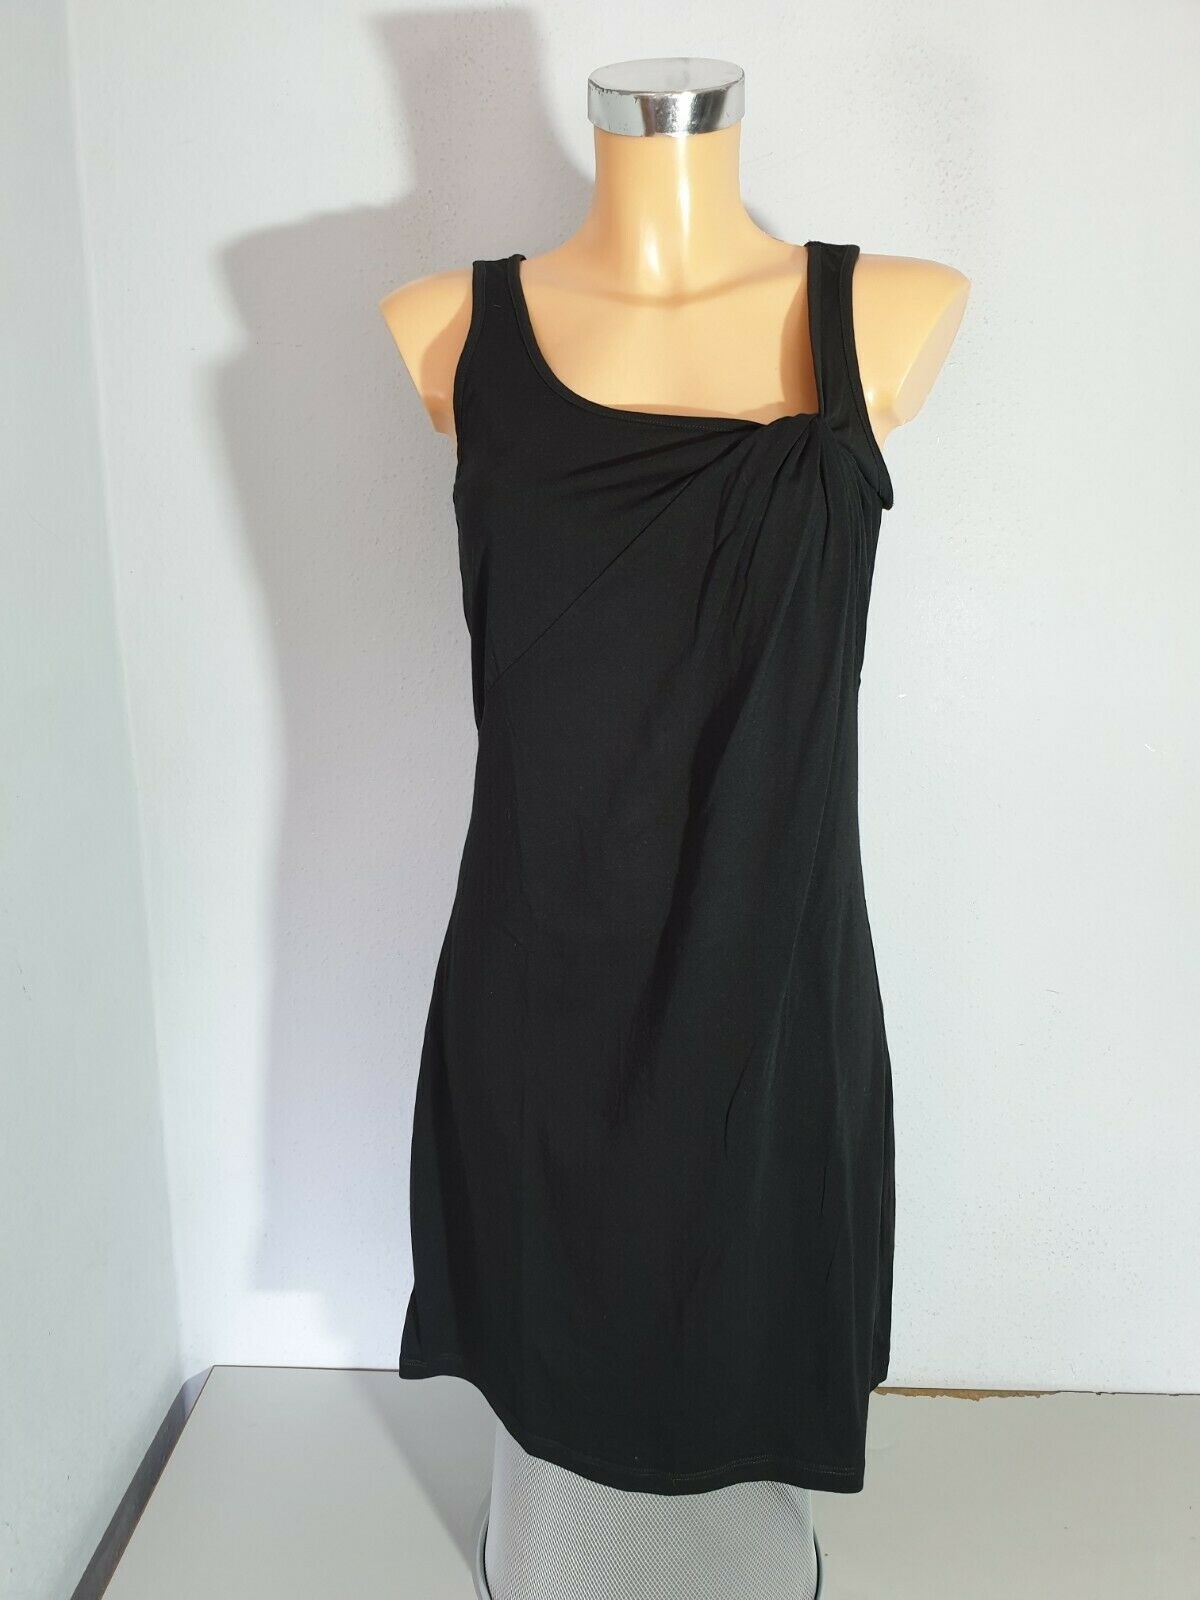 ESPRIT Kleid Sommerkleid Shirtkleid Gr. S / M schwarz Baumwolle Träger NEU